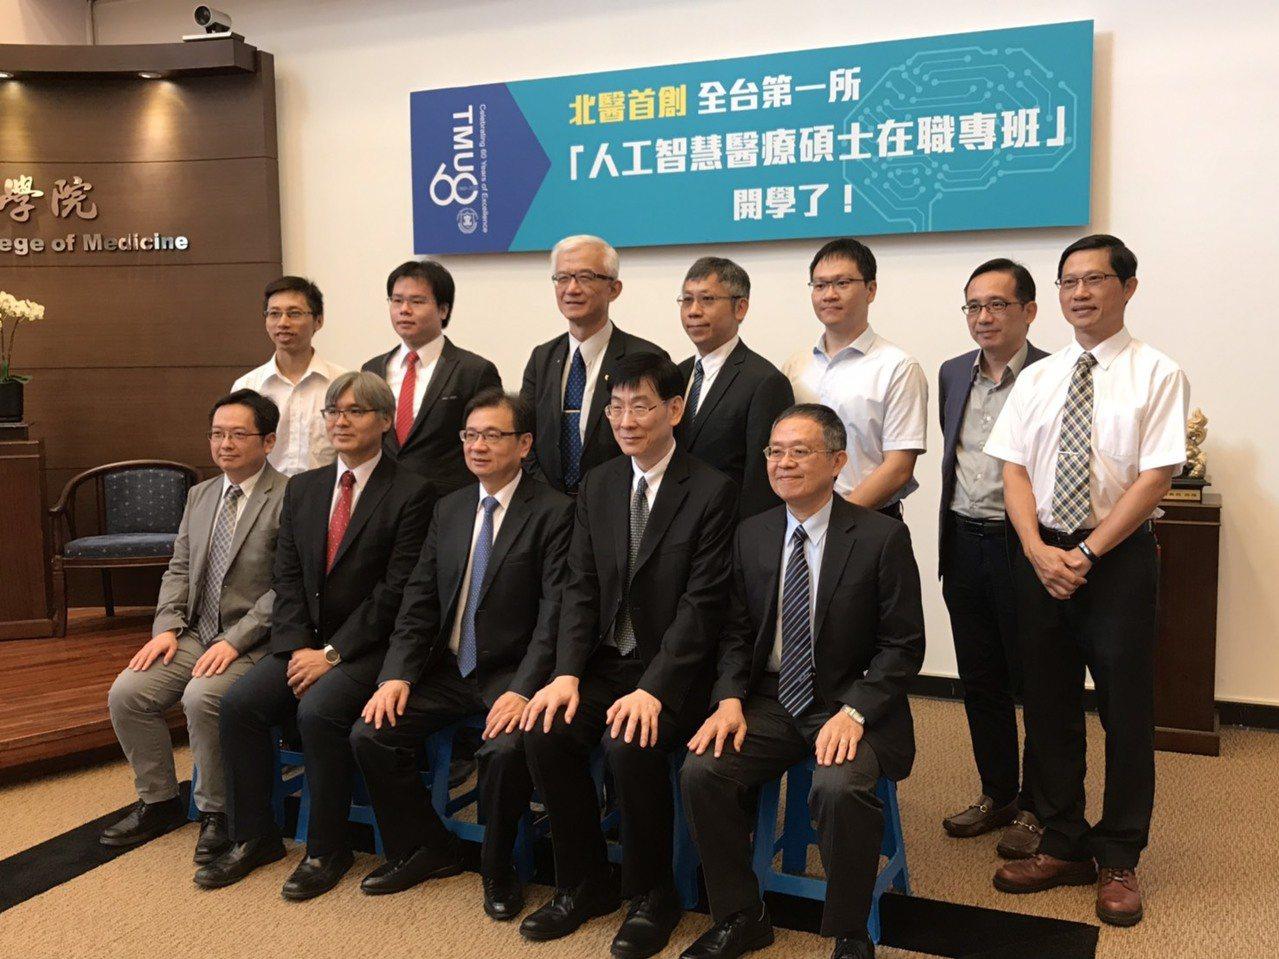 面對新時代的醫學挑戰,台北醫學大學成立全台第一所AI加醫療的「人工智慧醫療碩士在...